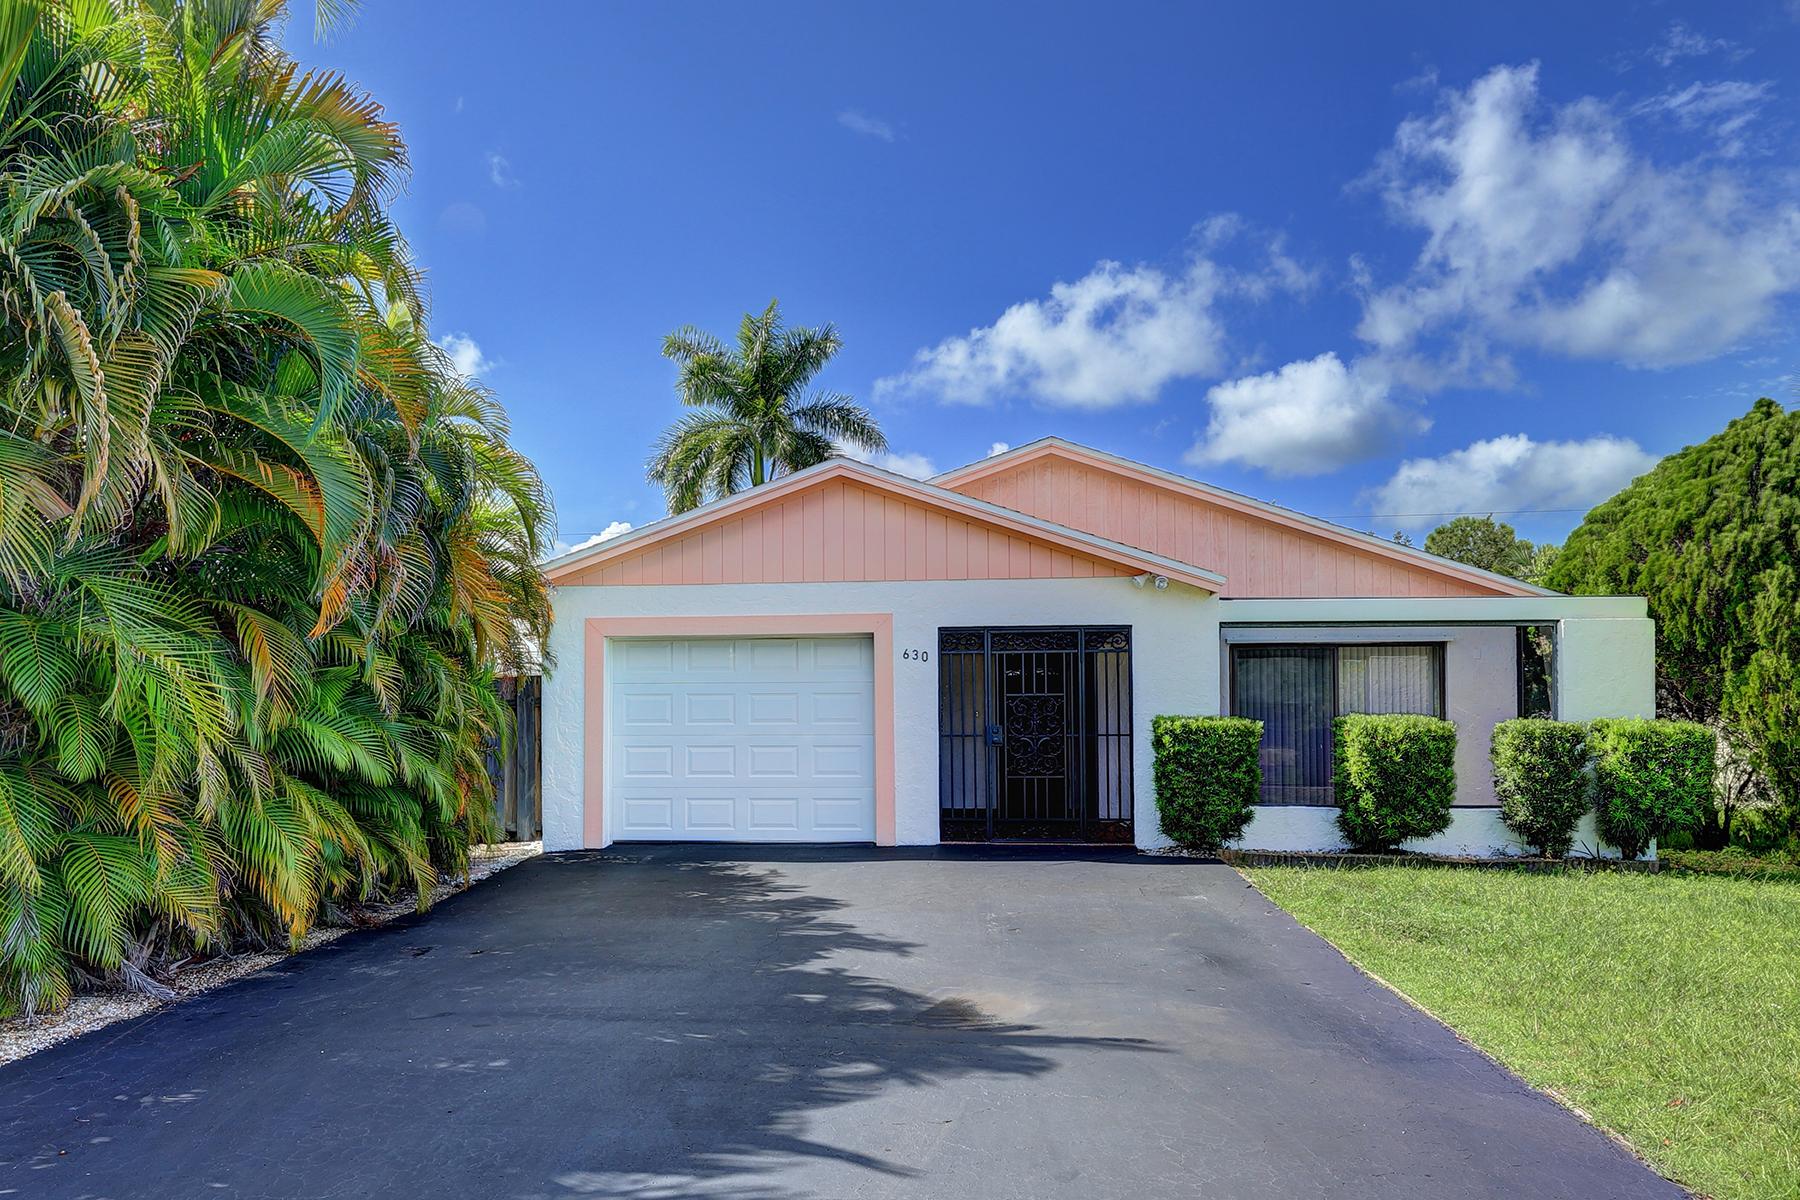 独户住宅 为 销售 在 NAPLES PARK 630 97th Ave N Naples, 佛罗里达州 34108 美国